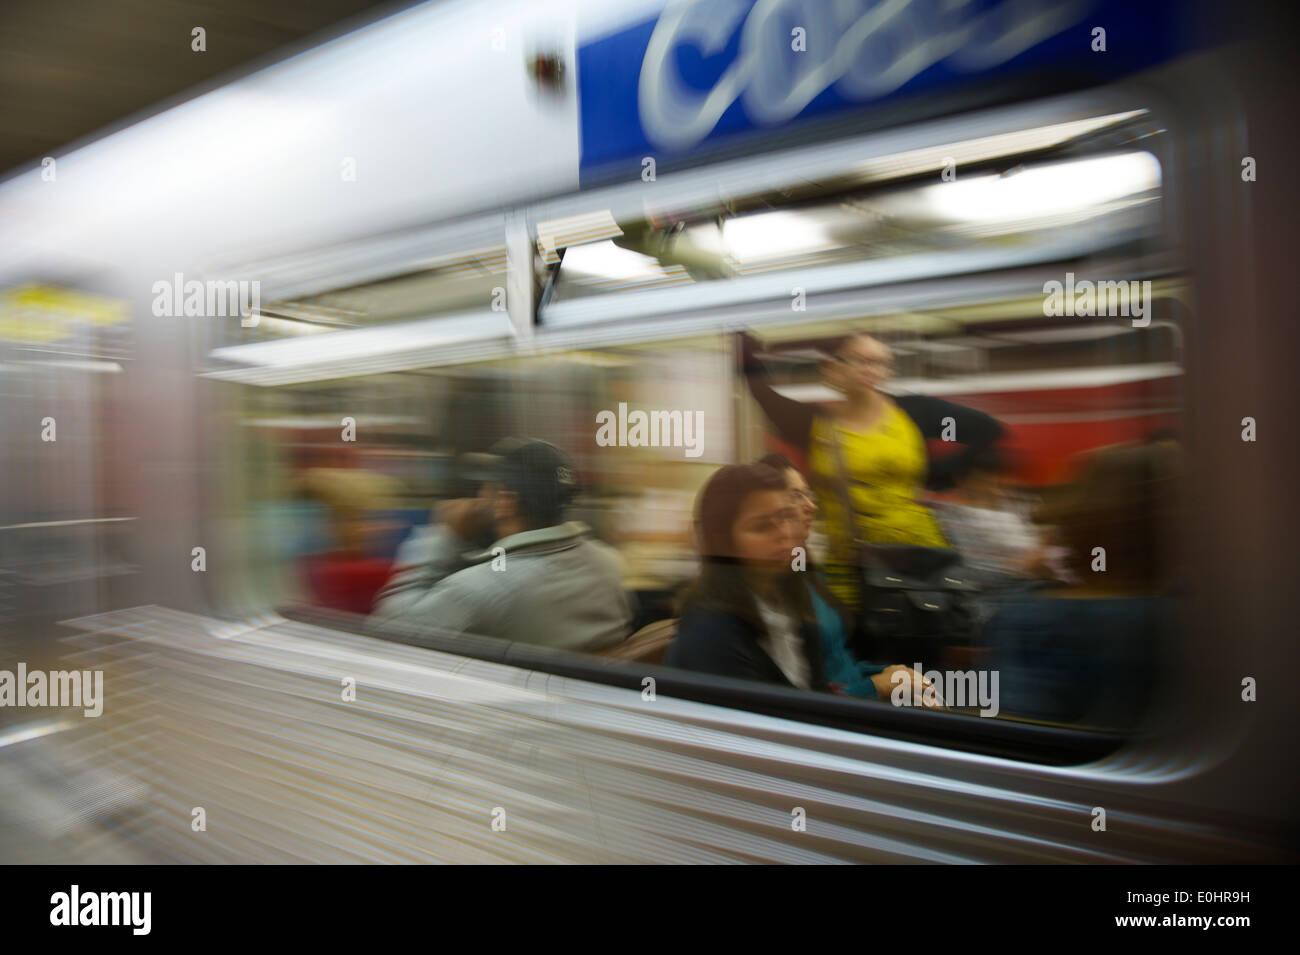 SAO PAULO, Brasile - 28 settembre 2013: pendolari ride il Metropolitano de Sao Paulo, che trasporta più di 7 milioni di passeggeri. Immagini Stock